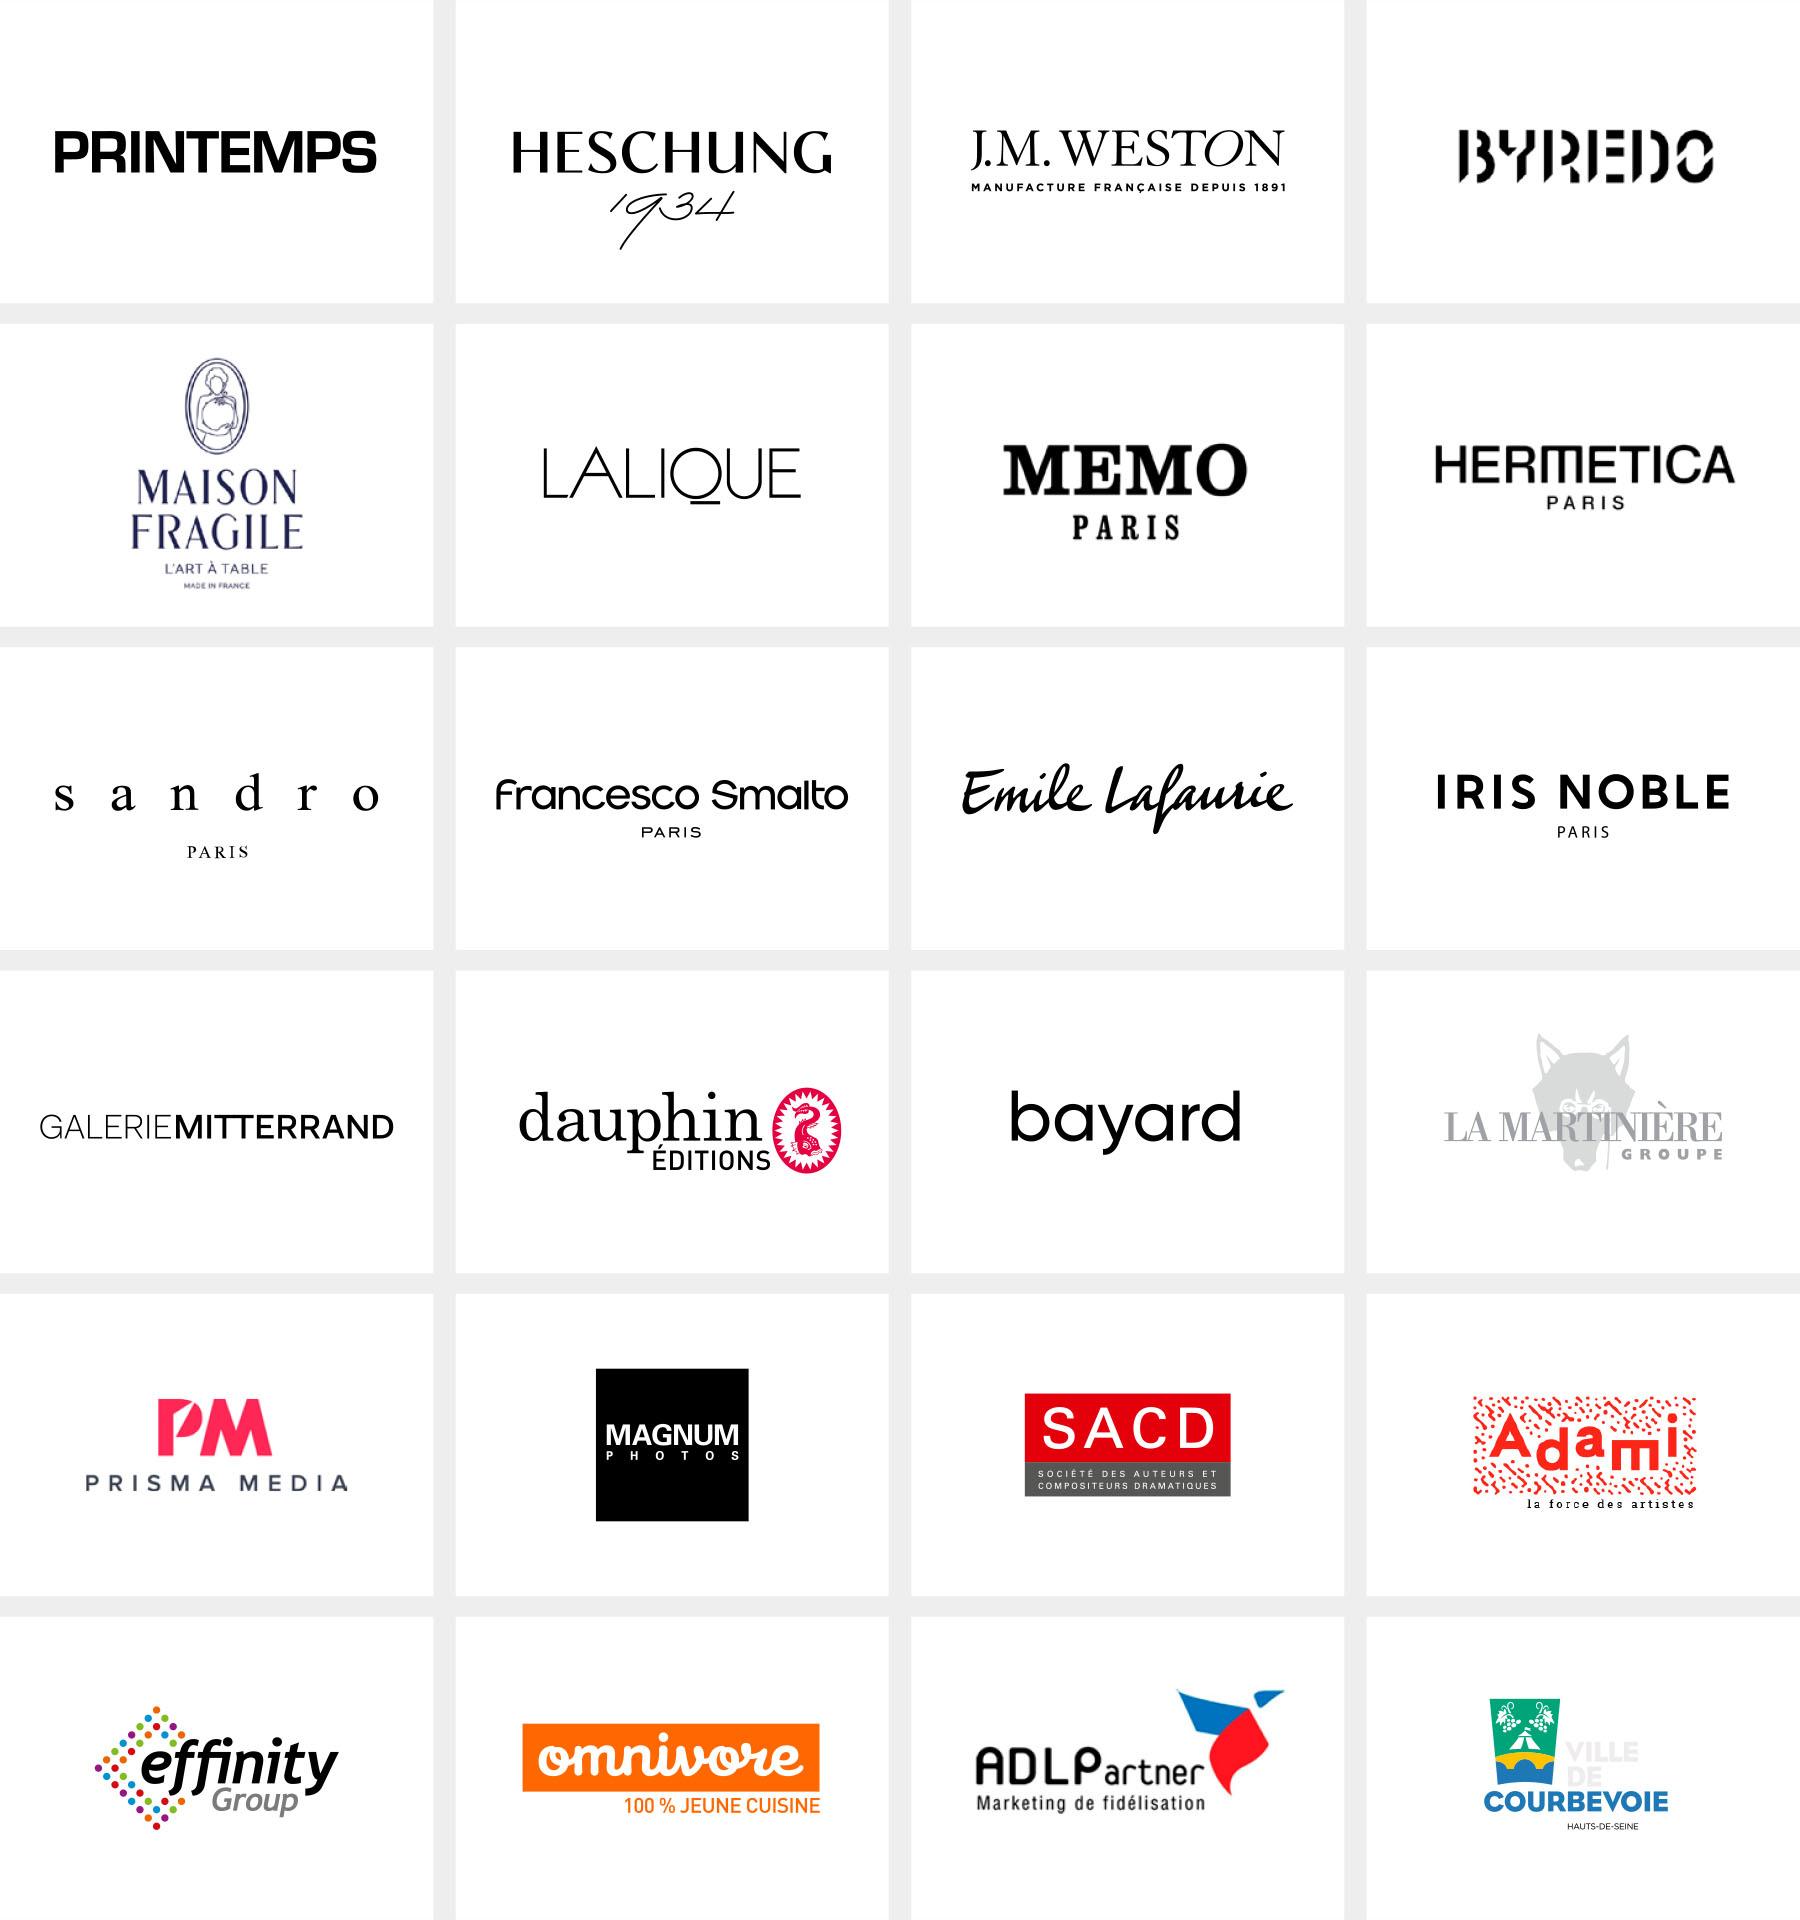 Les clients de l'agence Dimaj